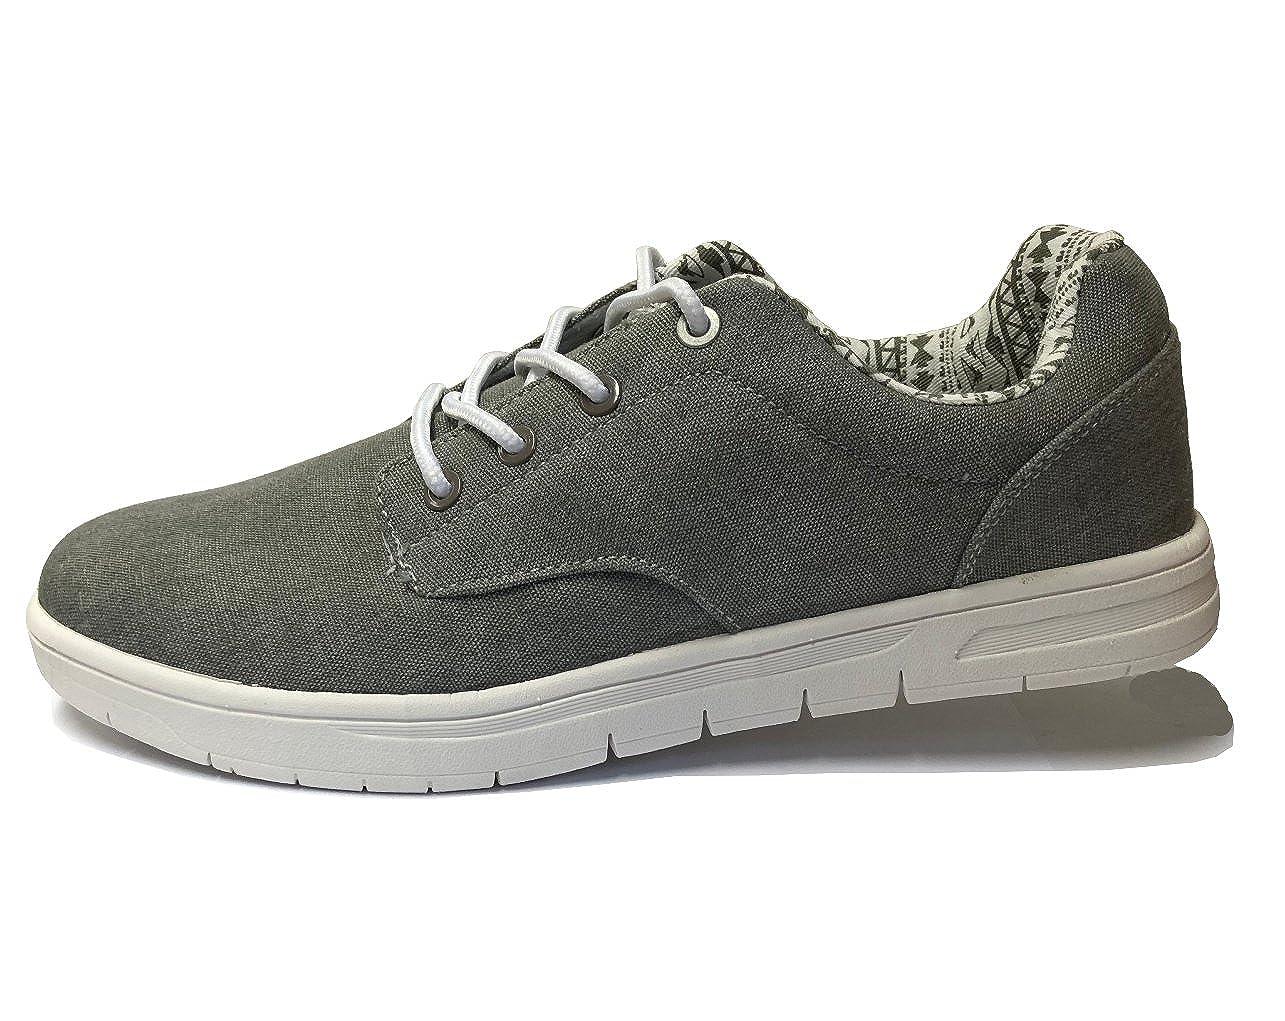 Young Spirit BBT Herrenschuhe Sneaker Schuhe Halbschuhe Freizeitschuhe Turnschuhe SchnürerFarbe: Dunkel GrauWählen Sie Die Schuhgröße!